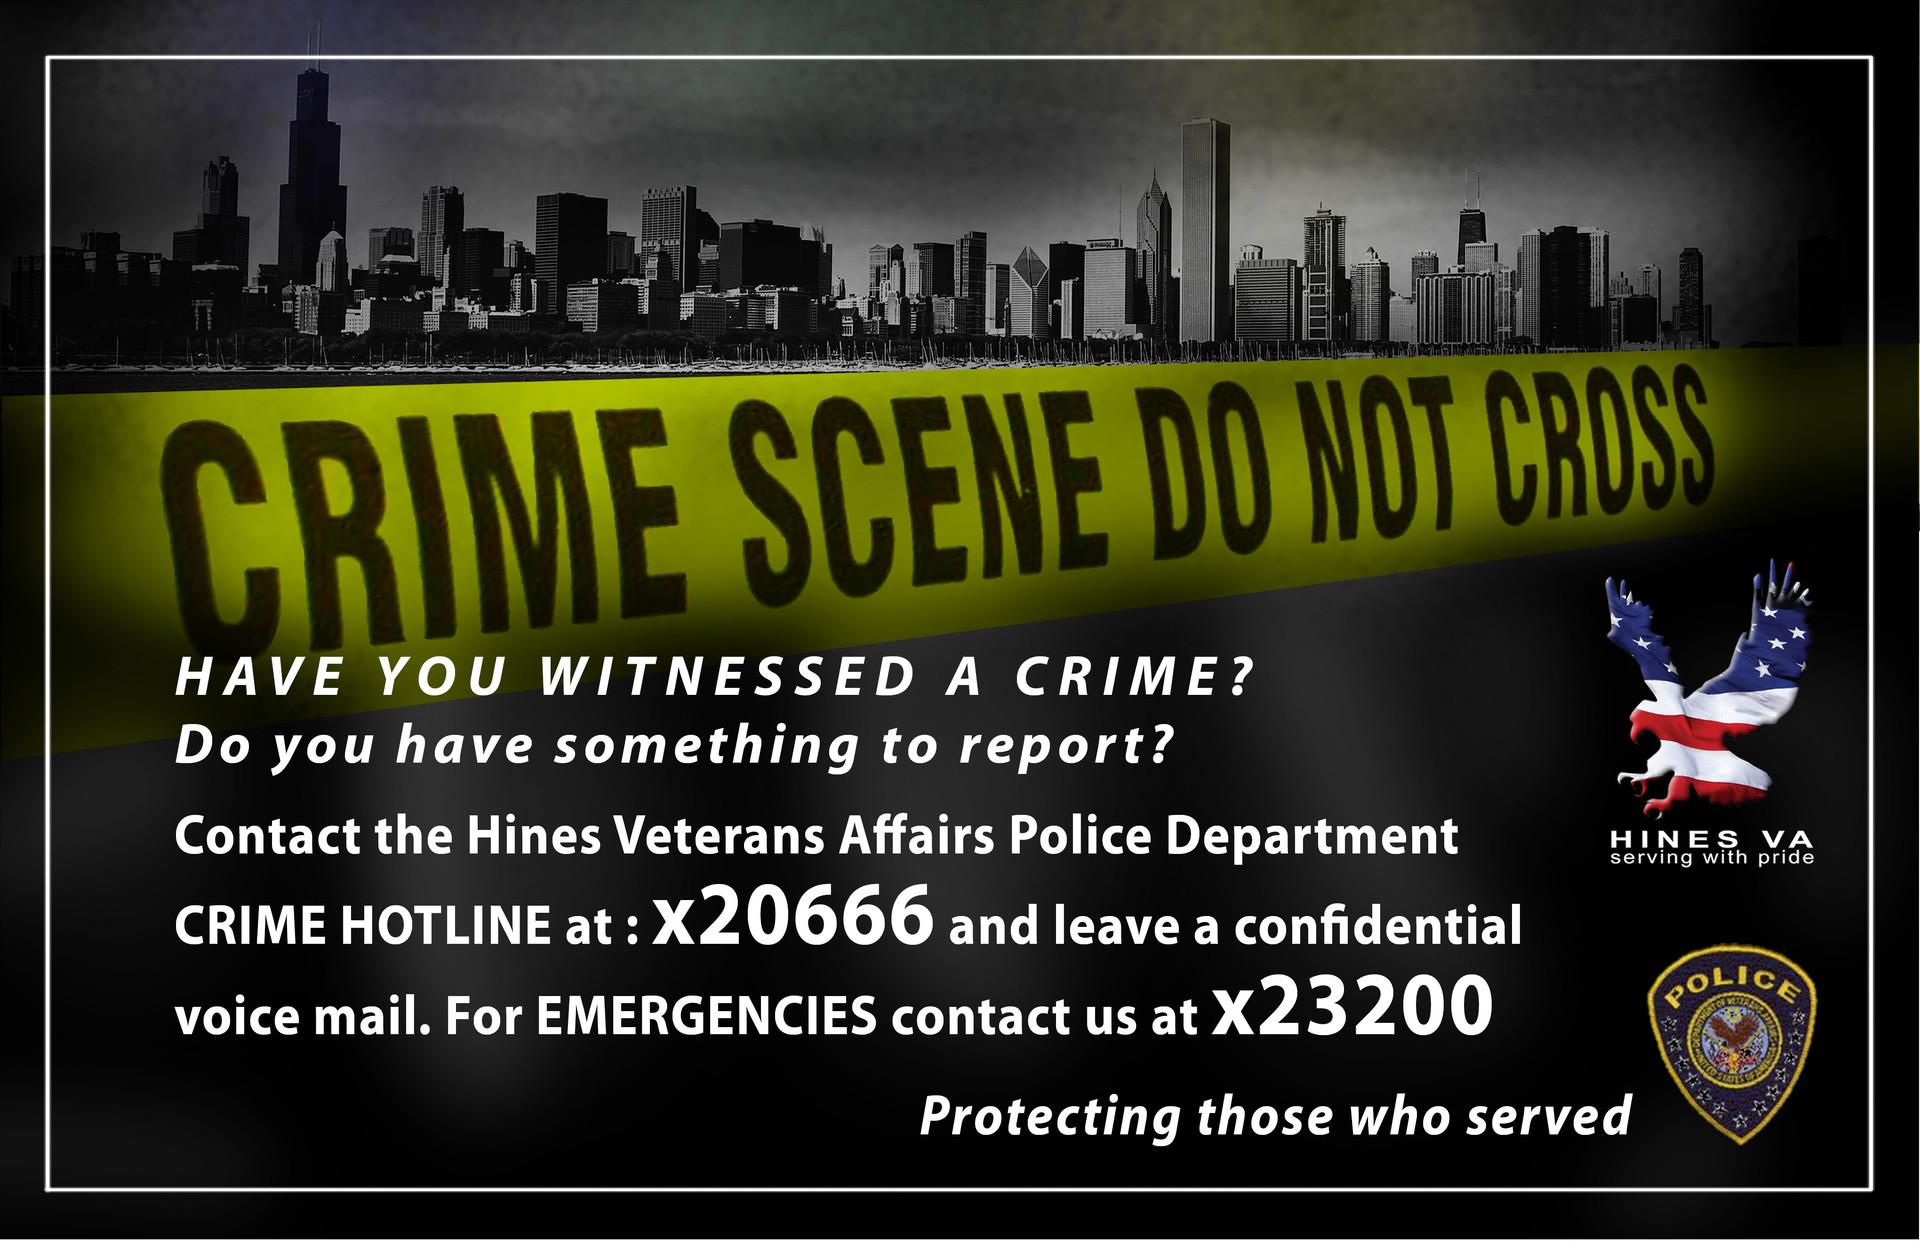 CrimeStoppers3.jpg